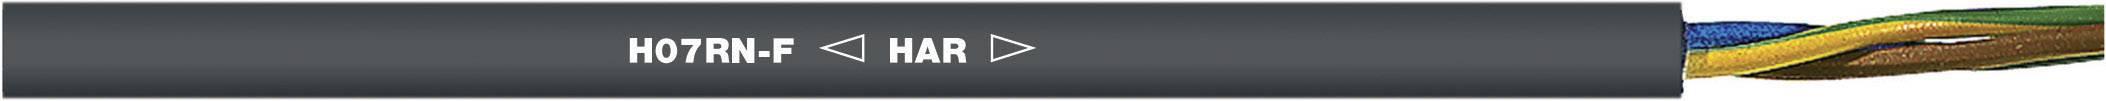 Gumový kabel LappKabel H07RN-F, 4x6 mm², černá